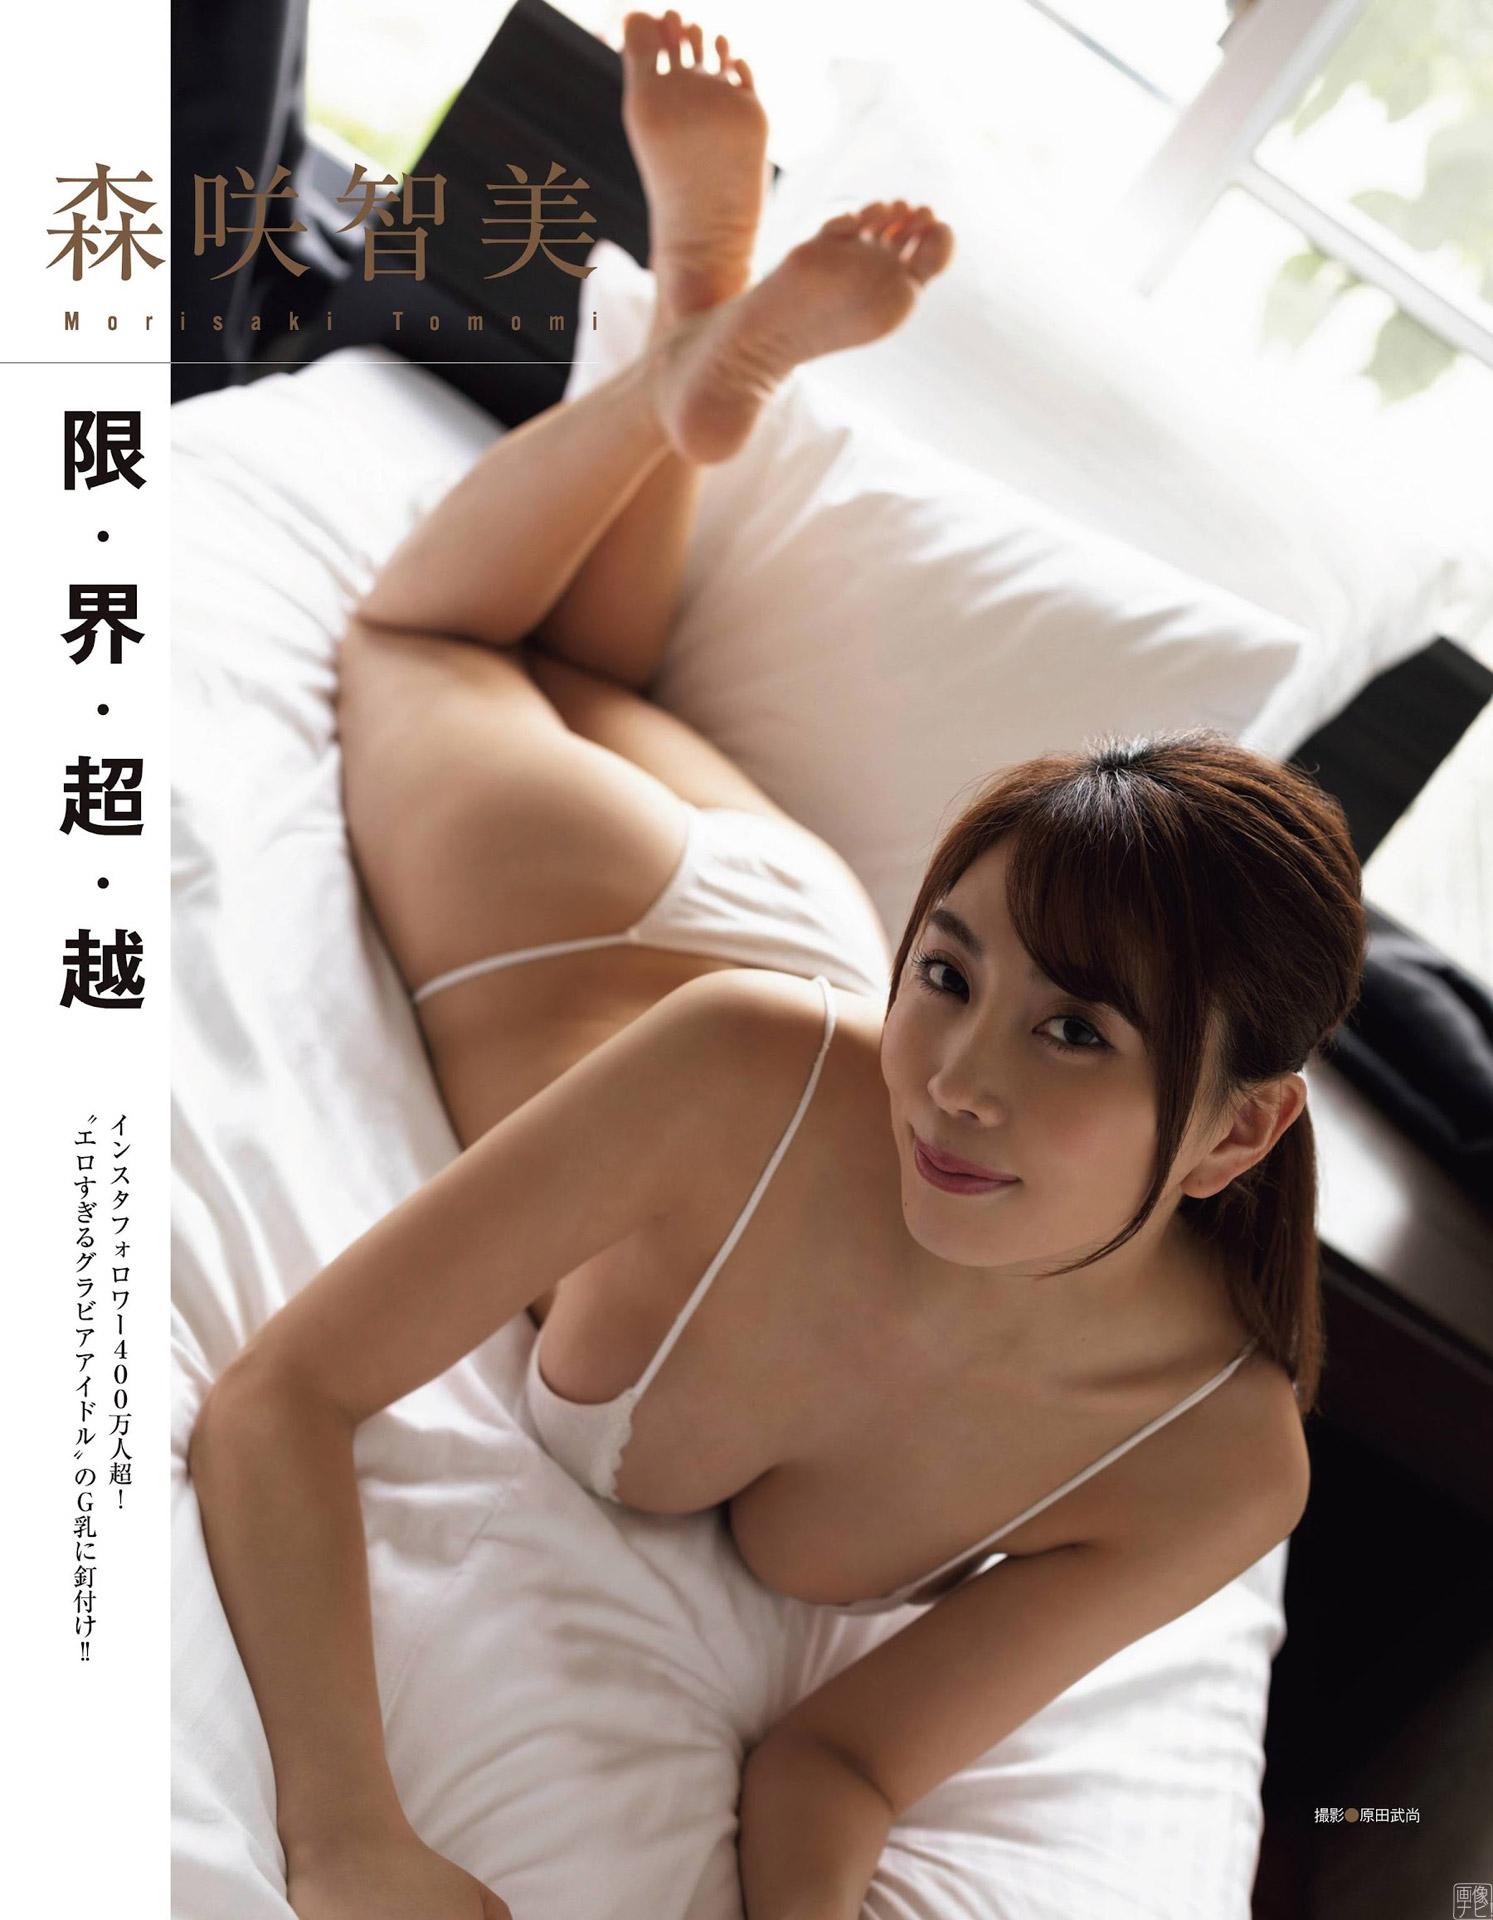 抜き過ぎ注意…エロエロお姉さん森咲智美のグラビア畫像--2021/8/18追加 ここから-- - 亞洲美女 -